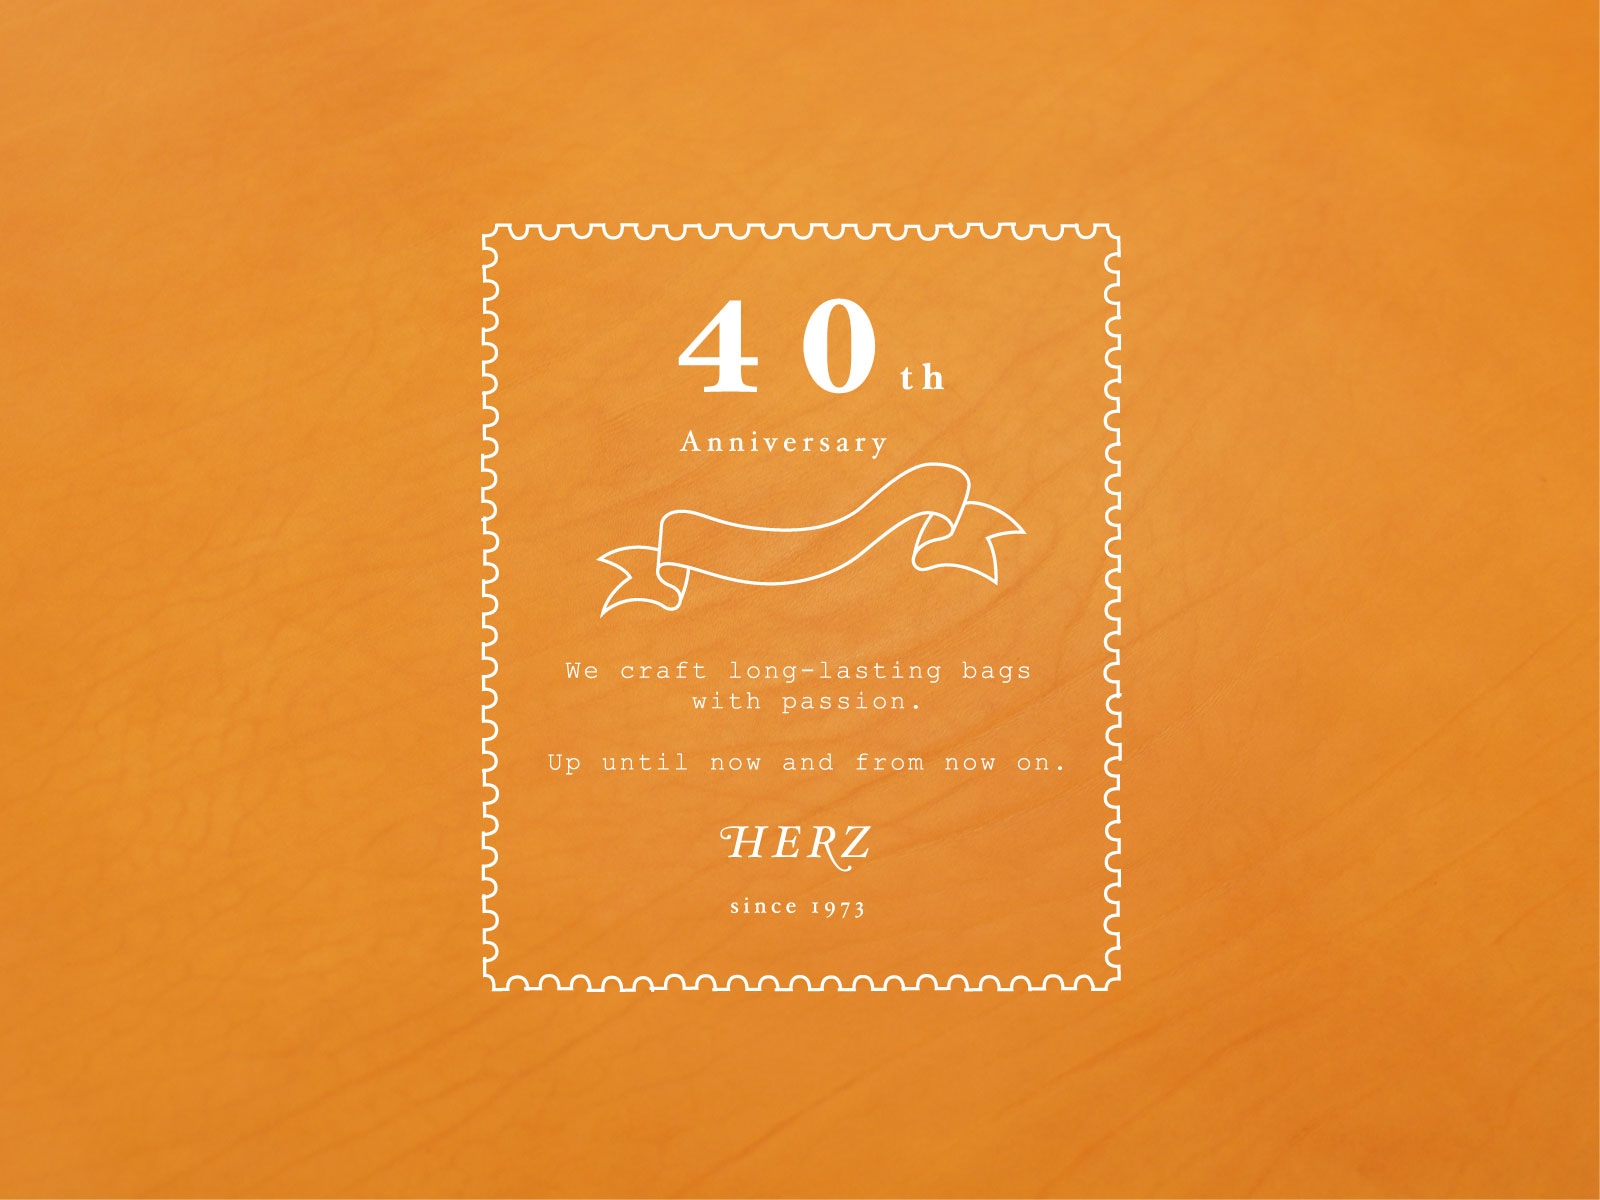 HERZ40周年記念特設サイト